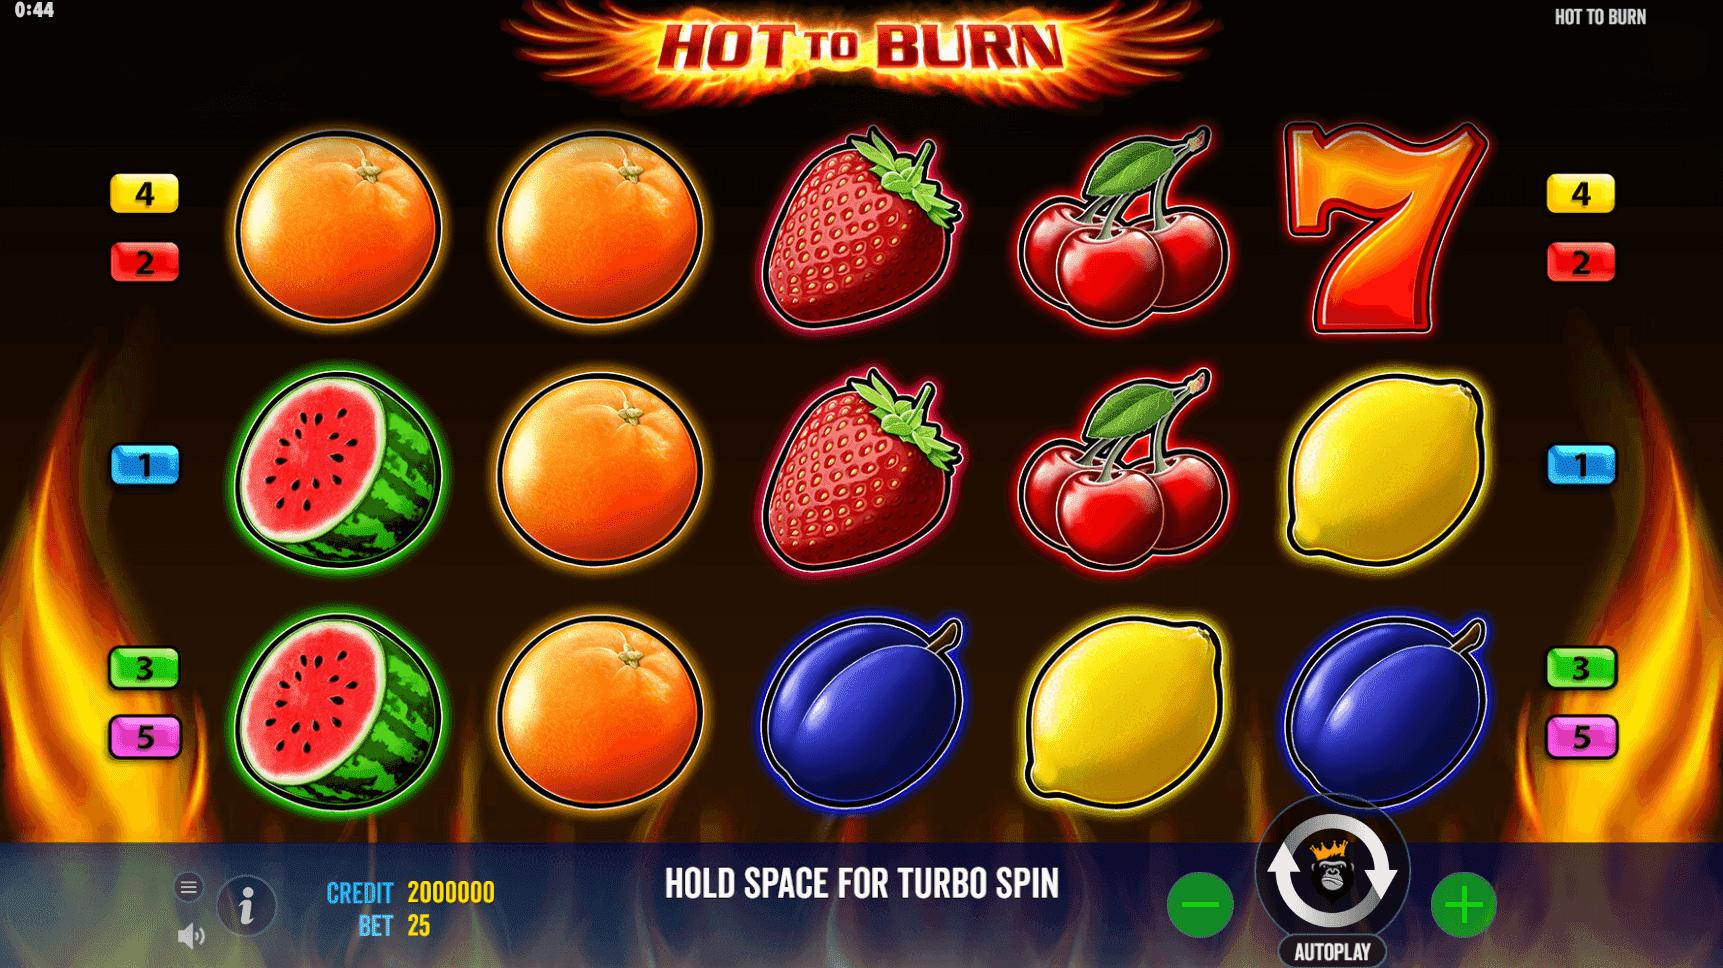 Hot to Burn slot machine screenshot